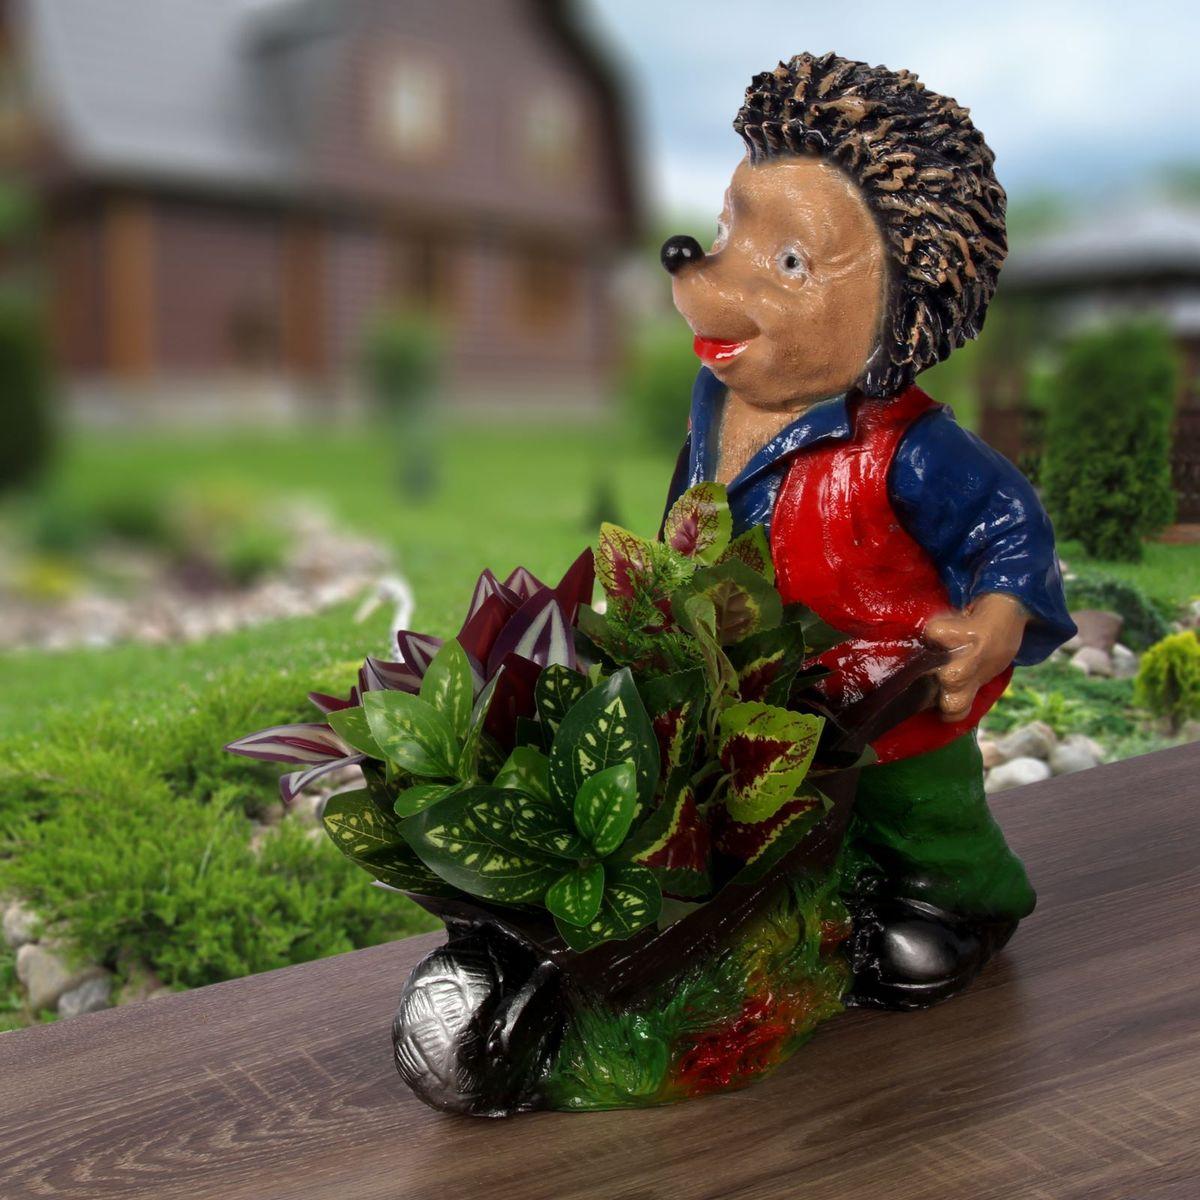 Фигура садовая Фабрика Эталон Ежик с тачкой, 38 х 23 х 45 см2334179Создайте настроение в любимом саду: украсьте его оригинальным декором - садовой фигурой. Представители фауны разнообразят ландшафт. Сделайте свой сад неповторимым. Садовая фигура Фабрика Эталон Ежик с тачкой изготовлена из полистоуна, который представляет собой искусственный камень, сочетающий лучшие качества природных материалов.Этот материал не выцветает на солнце, даже если находится под воздействием ультрафиолета круглый год, абсолютно безопасен для здоровья человека и окружающей среды. Искусственный камень имеет низкую пористость, поэтому ему не страшна влага и на нем не появятся трещины.Фигура из полистоуна придаст участку живой и неповторимый вид, станет отличным подарком к празднику, удачно впишется в любой сад и подчеркнет индивидуальность владельца загородного дома. Уход за такими изделиями очень прост: достаточно протирать их влажной тряпочкой.Садовая фигура будет хранить красоту сада долгие годы.